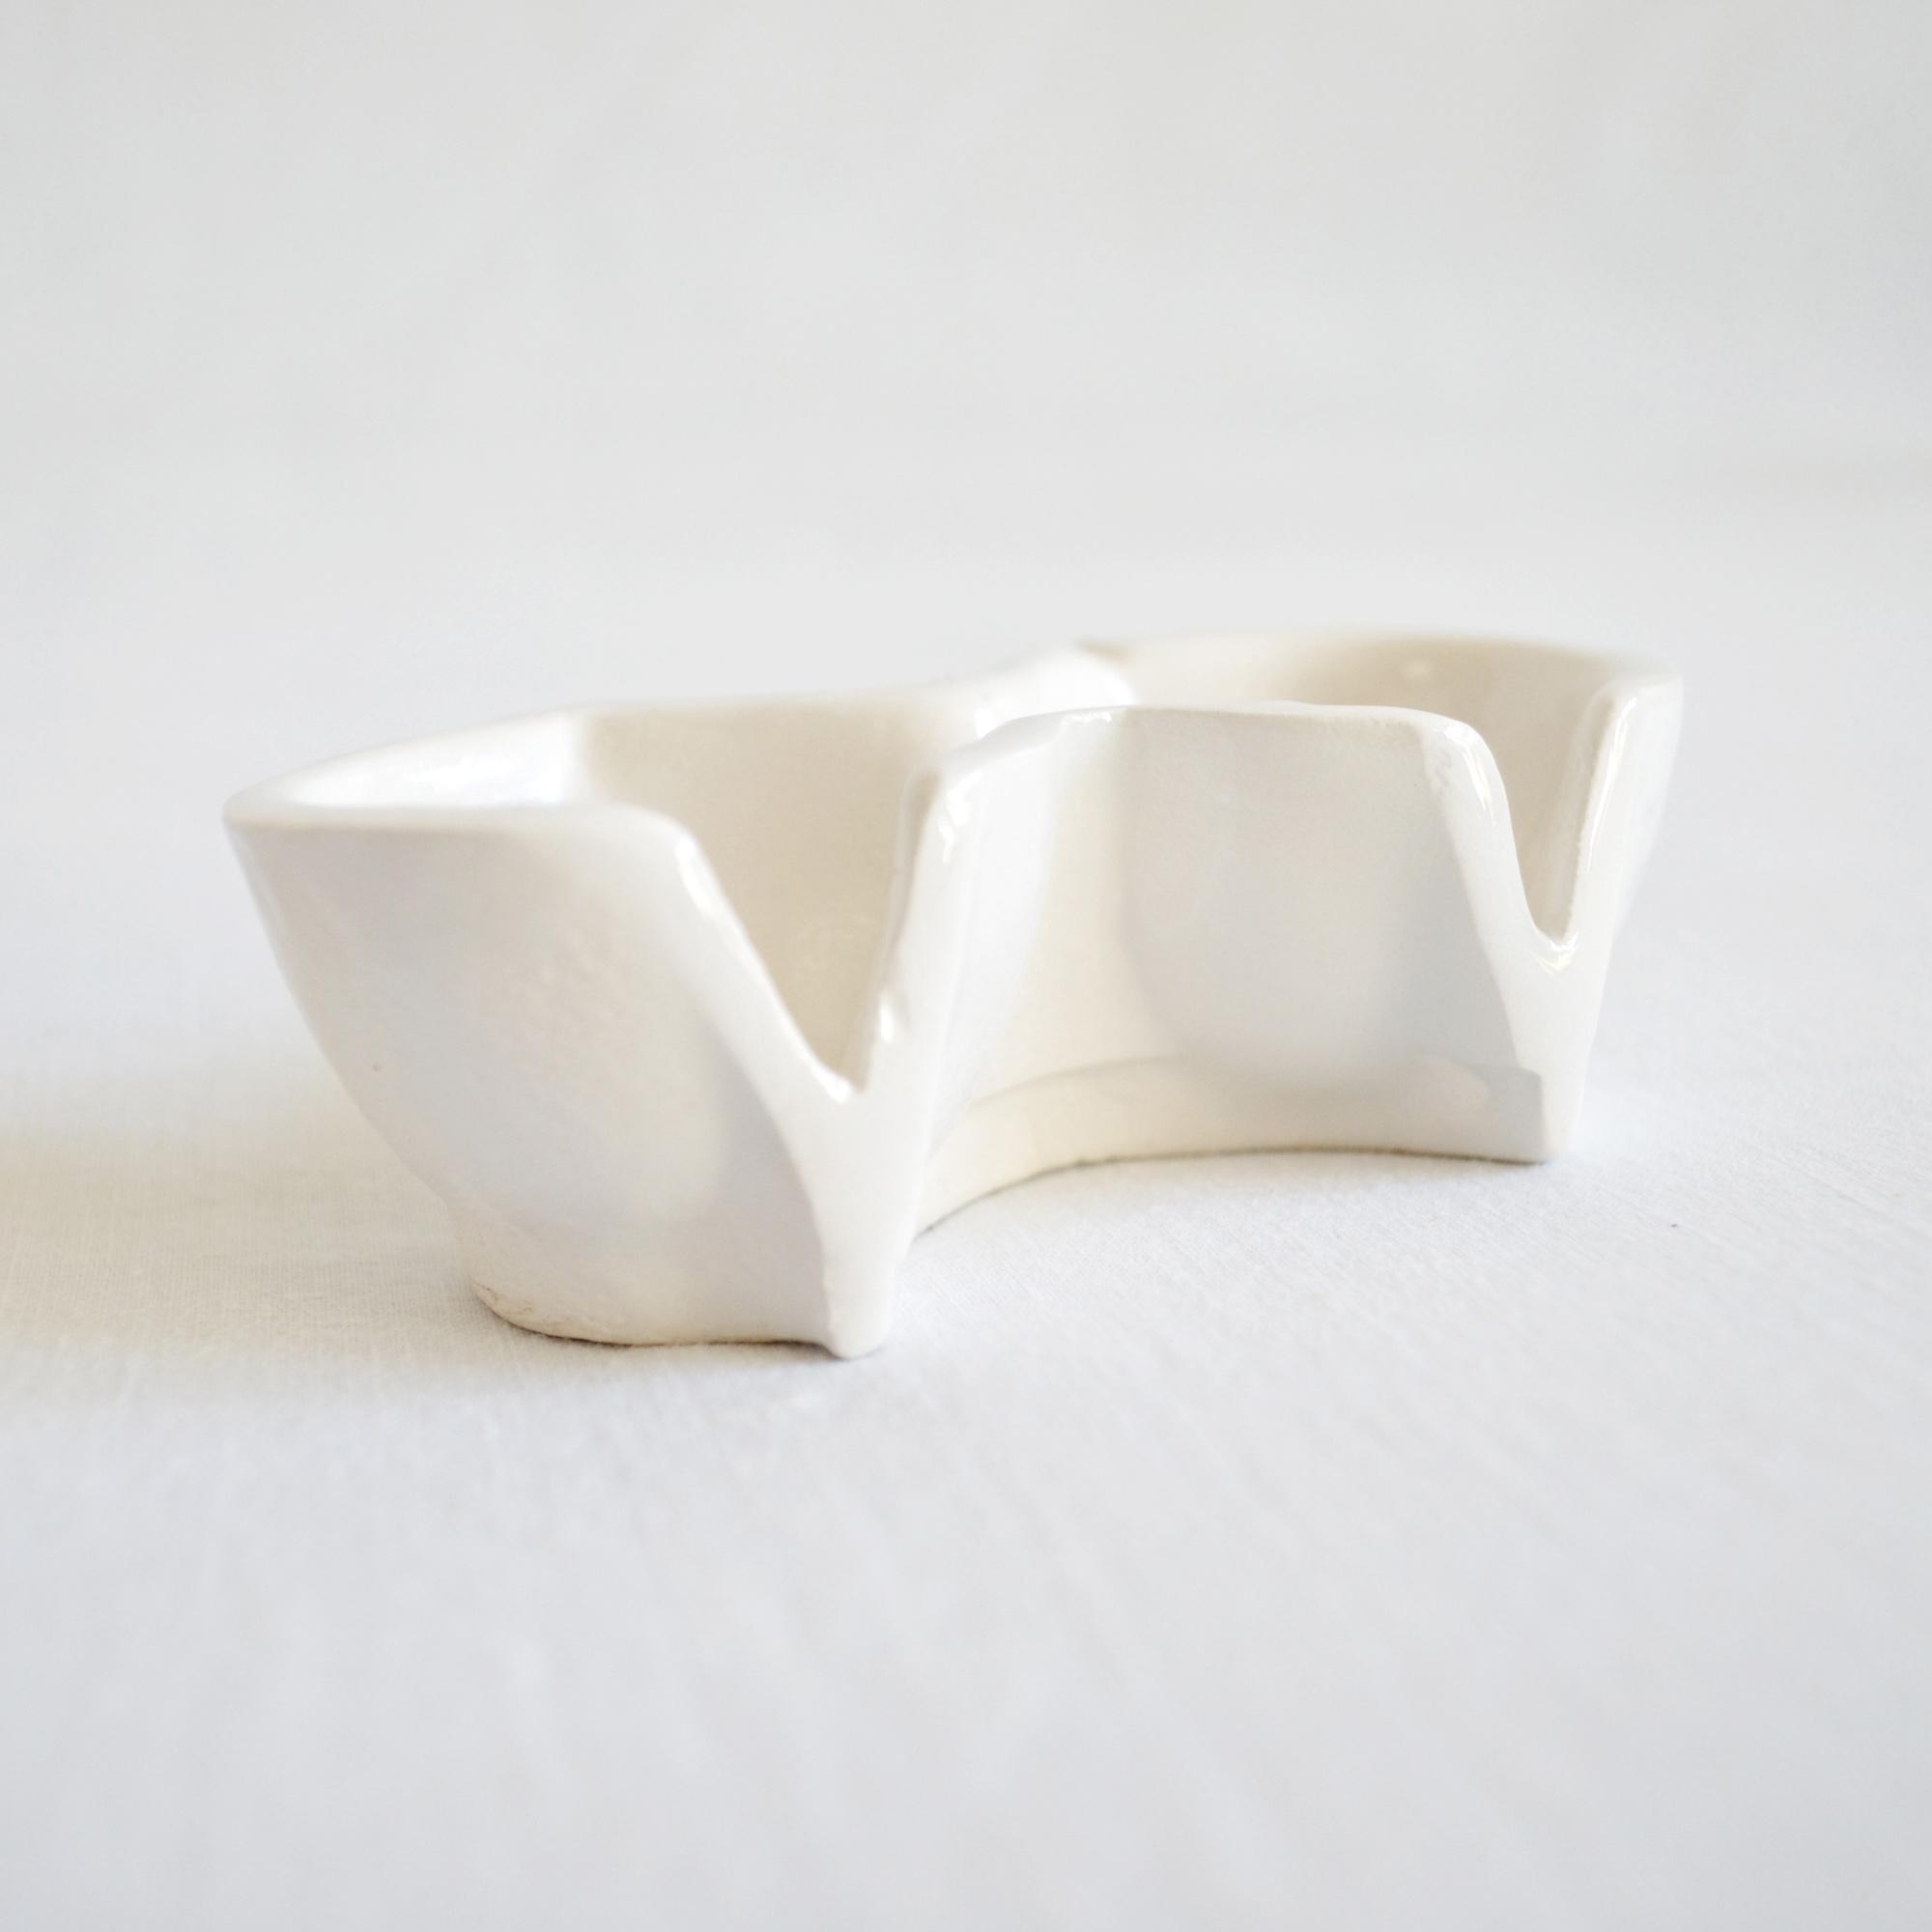 salero ceramico cocina diseño blanco hecho a mano